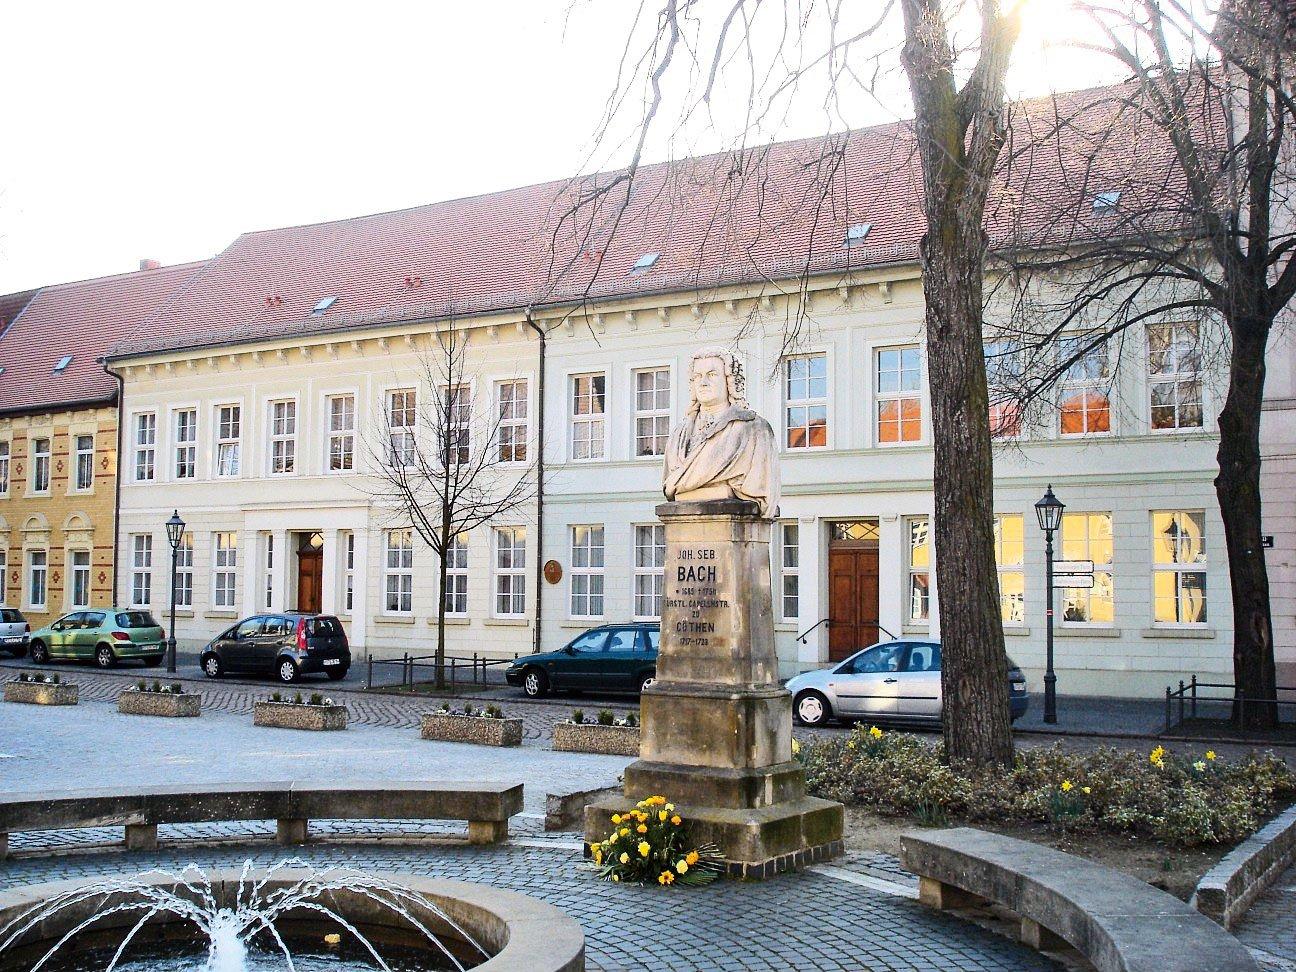 巴赫1719~1723年在科滕(Köthen)的家。巴赫在科滕王宮期間創作上達到另一個頂峰,六闋《無伴奏大提琴組曲》在這裏完成創作。(Georgheeg/Wikimedia Commons)